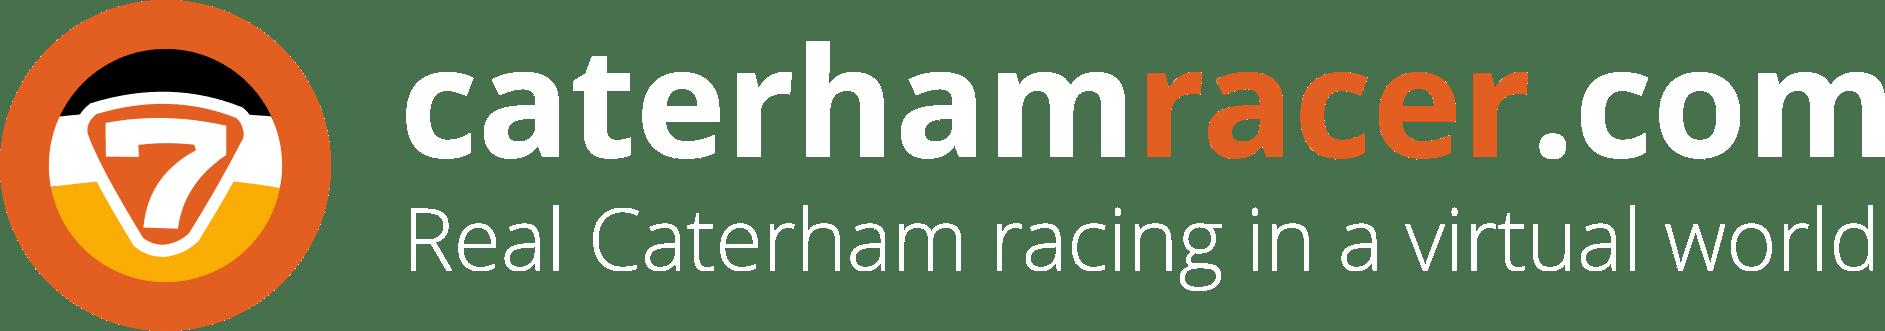 CaterhamRacer.com